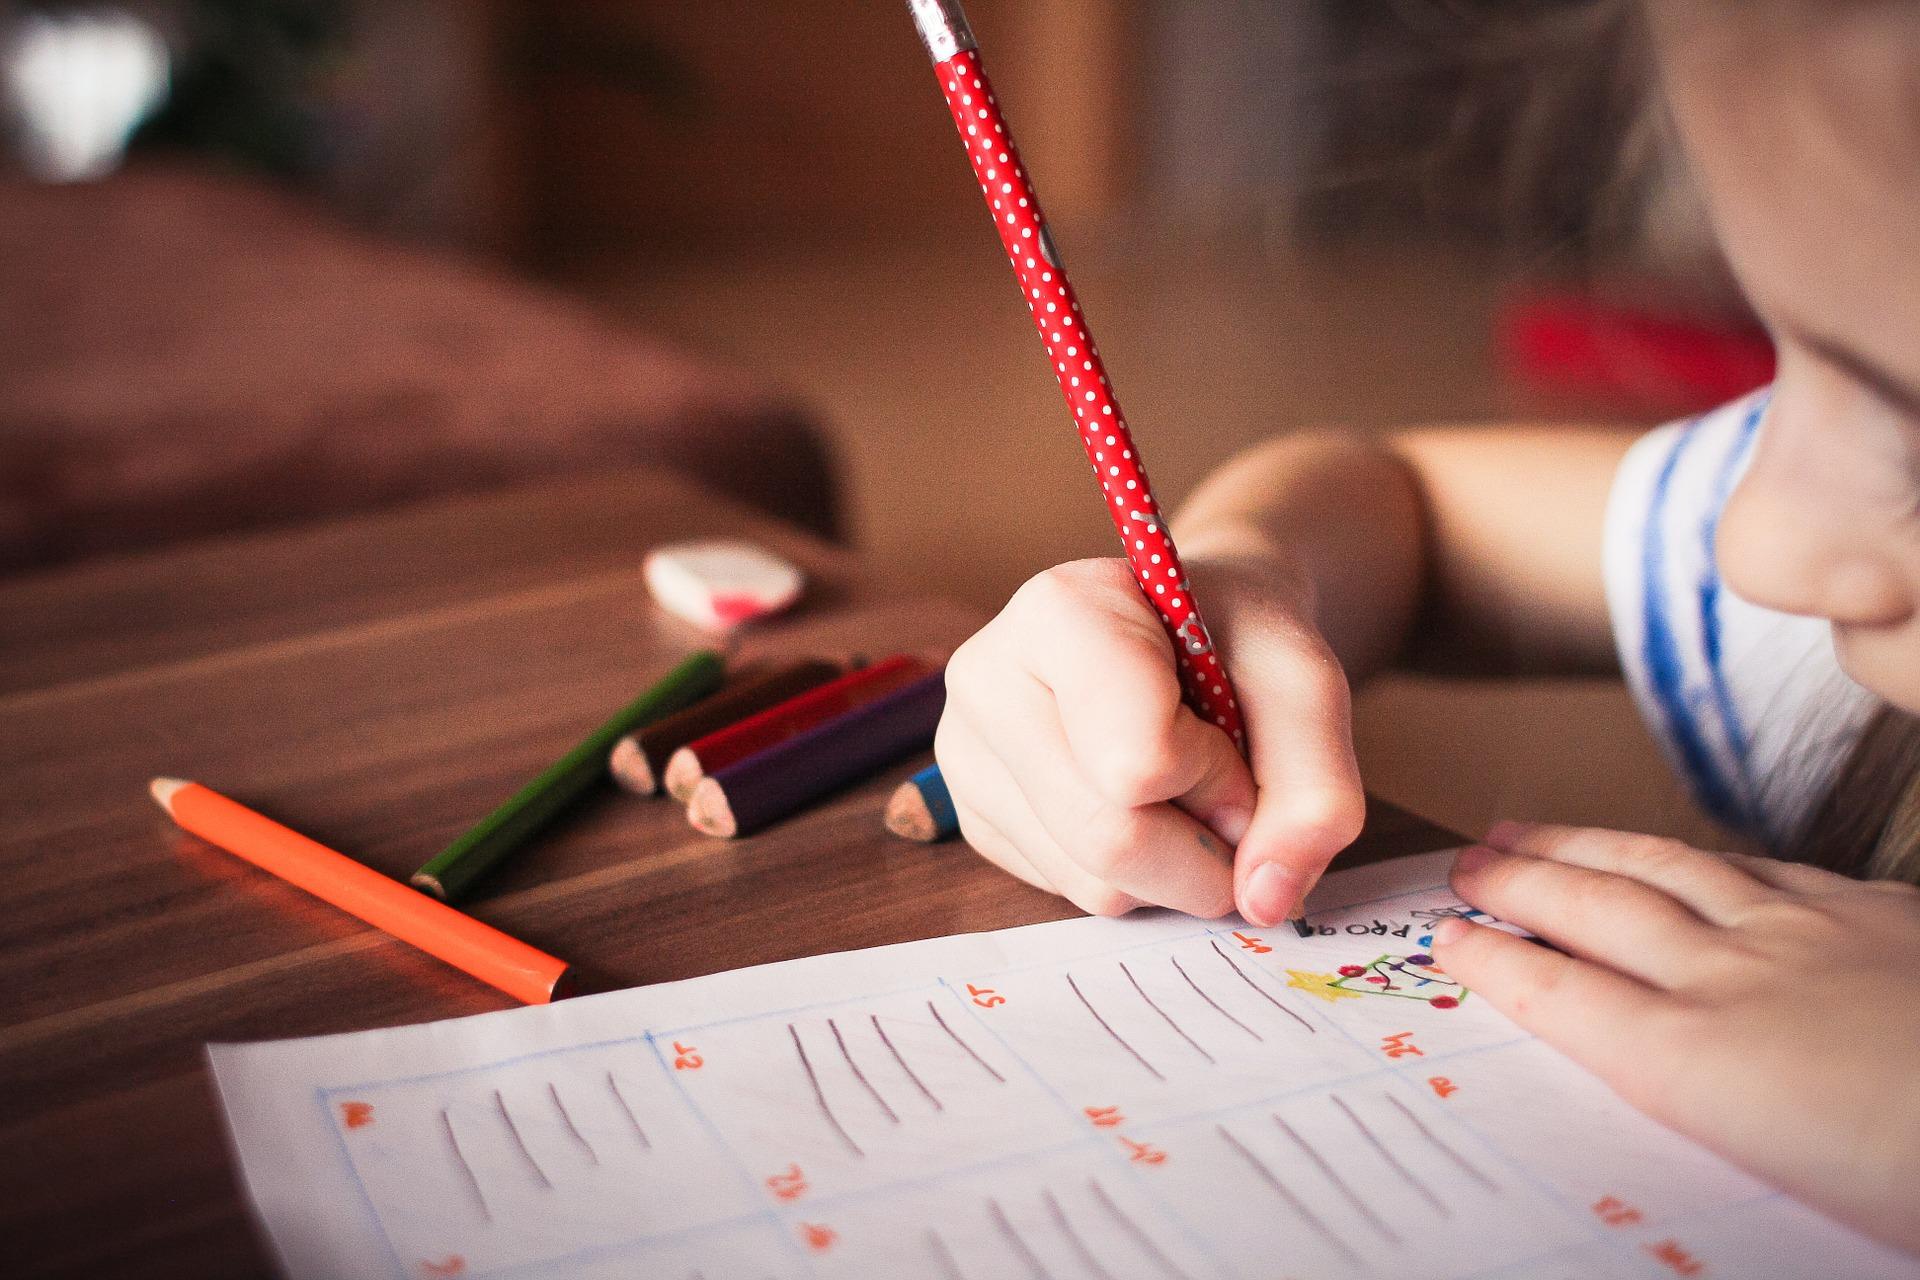 飲食・アパレル・美容 6つのアカウントから学ぶインスタグラムの活用方法